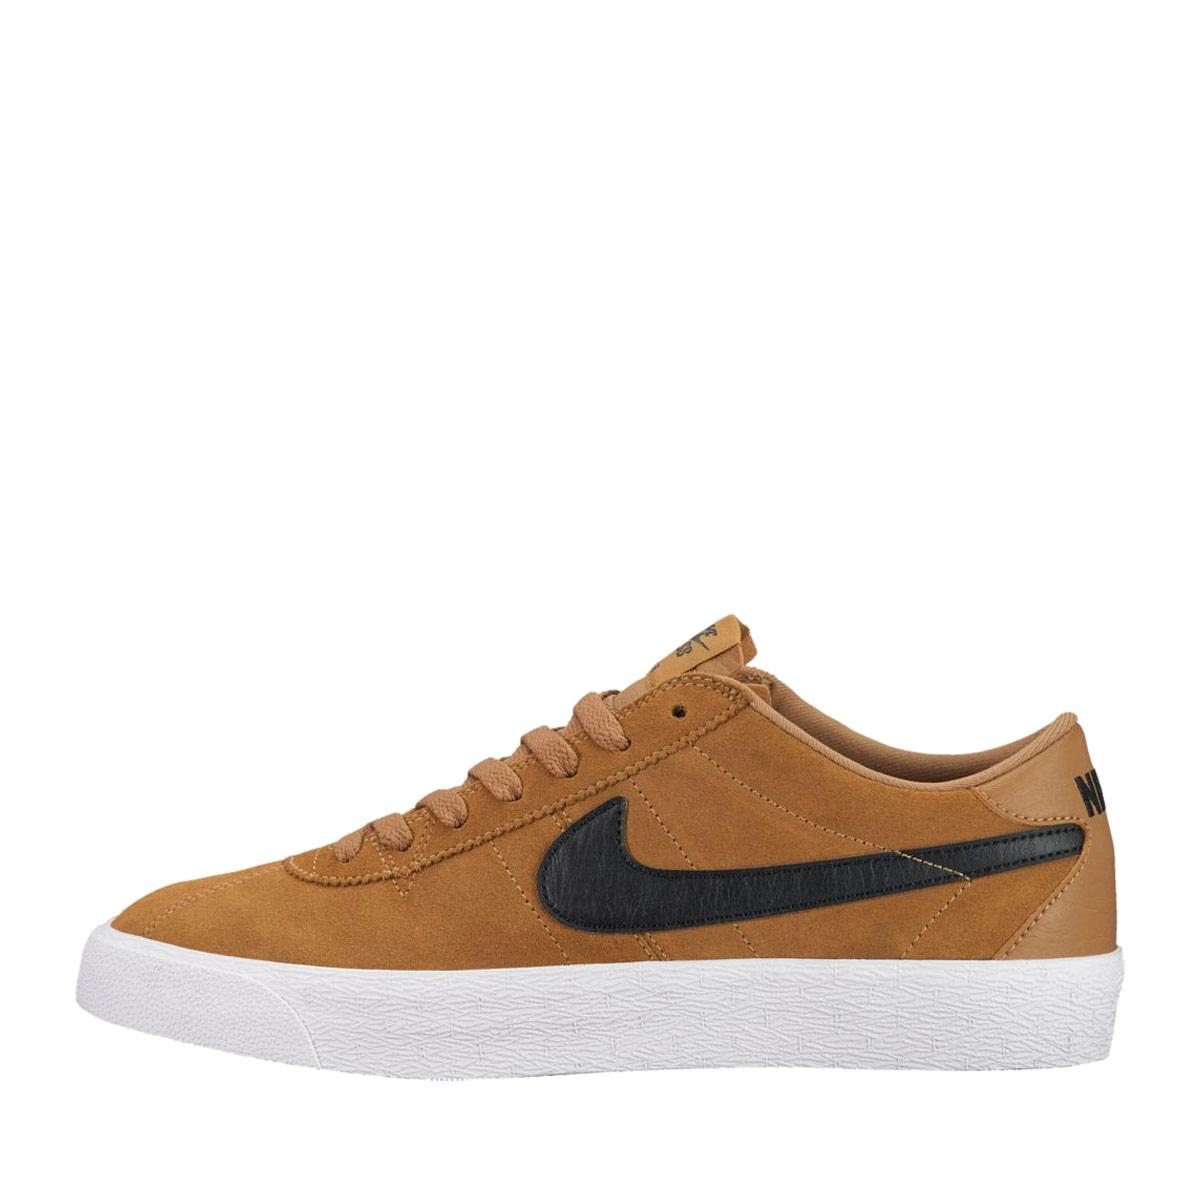 size 40 56a7b edb0b NIKE SB BRUIN ZOOM PRM SE (Nike Nike SB bulldog in zoom premium SE) GOLDEN  BEIGE BLACK-WHITE-BLACK 17FA-I